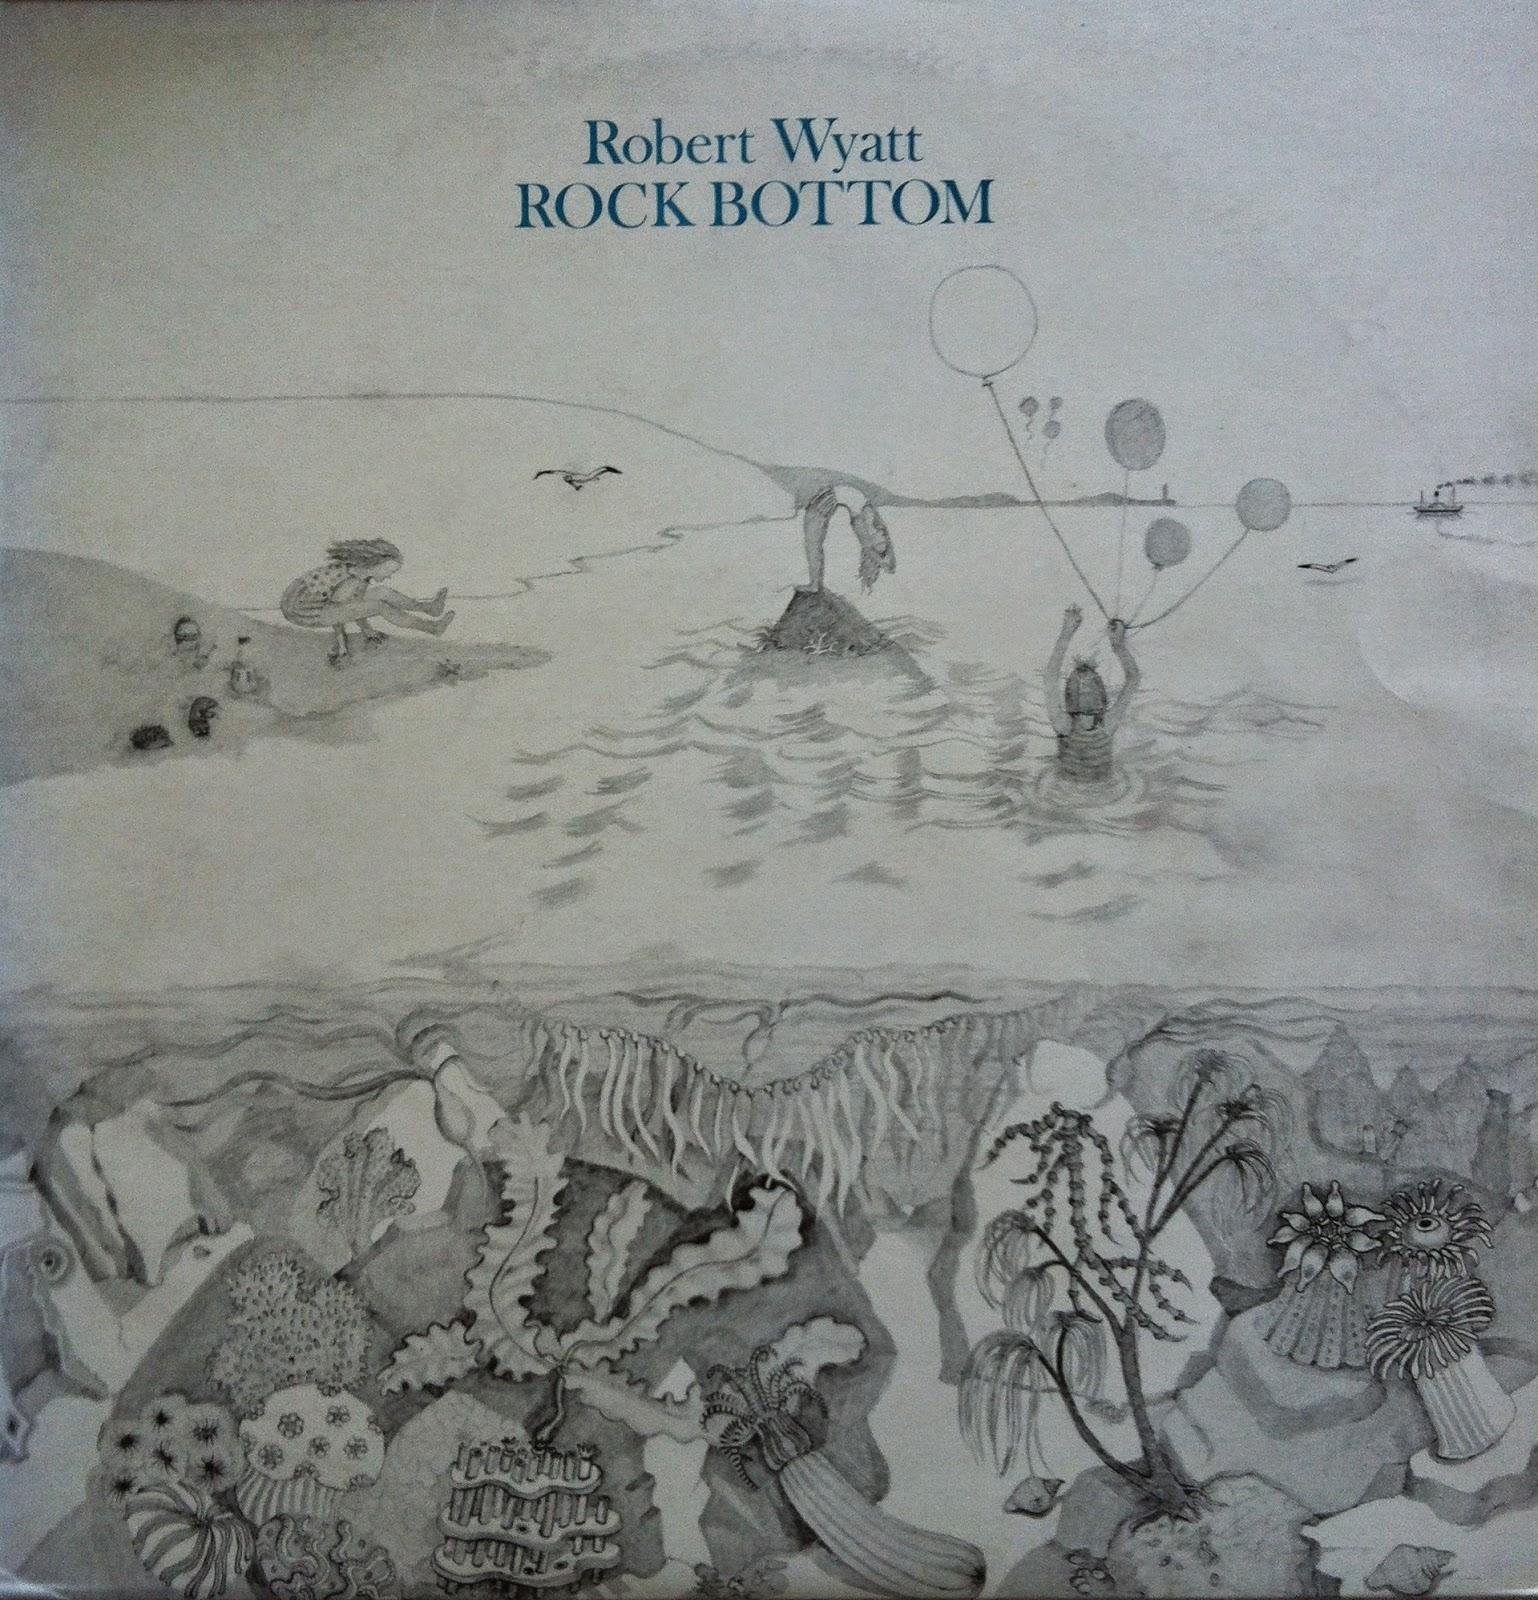 Cover art for Wyatt's  Rock Bottom